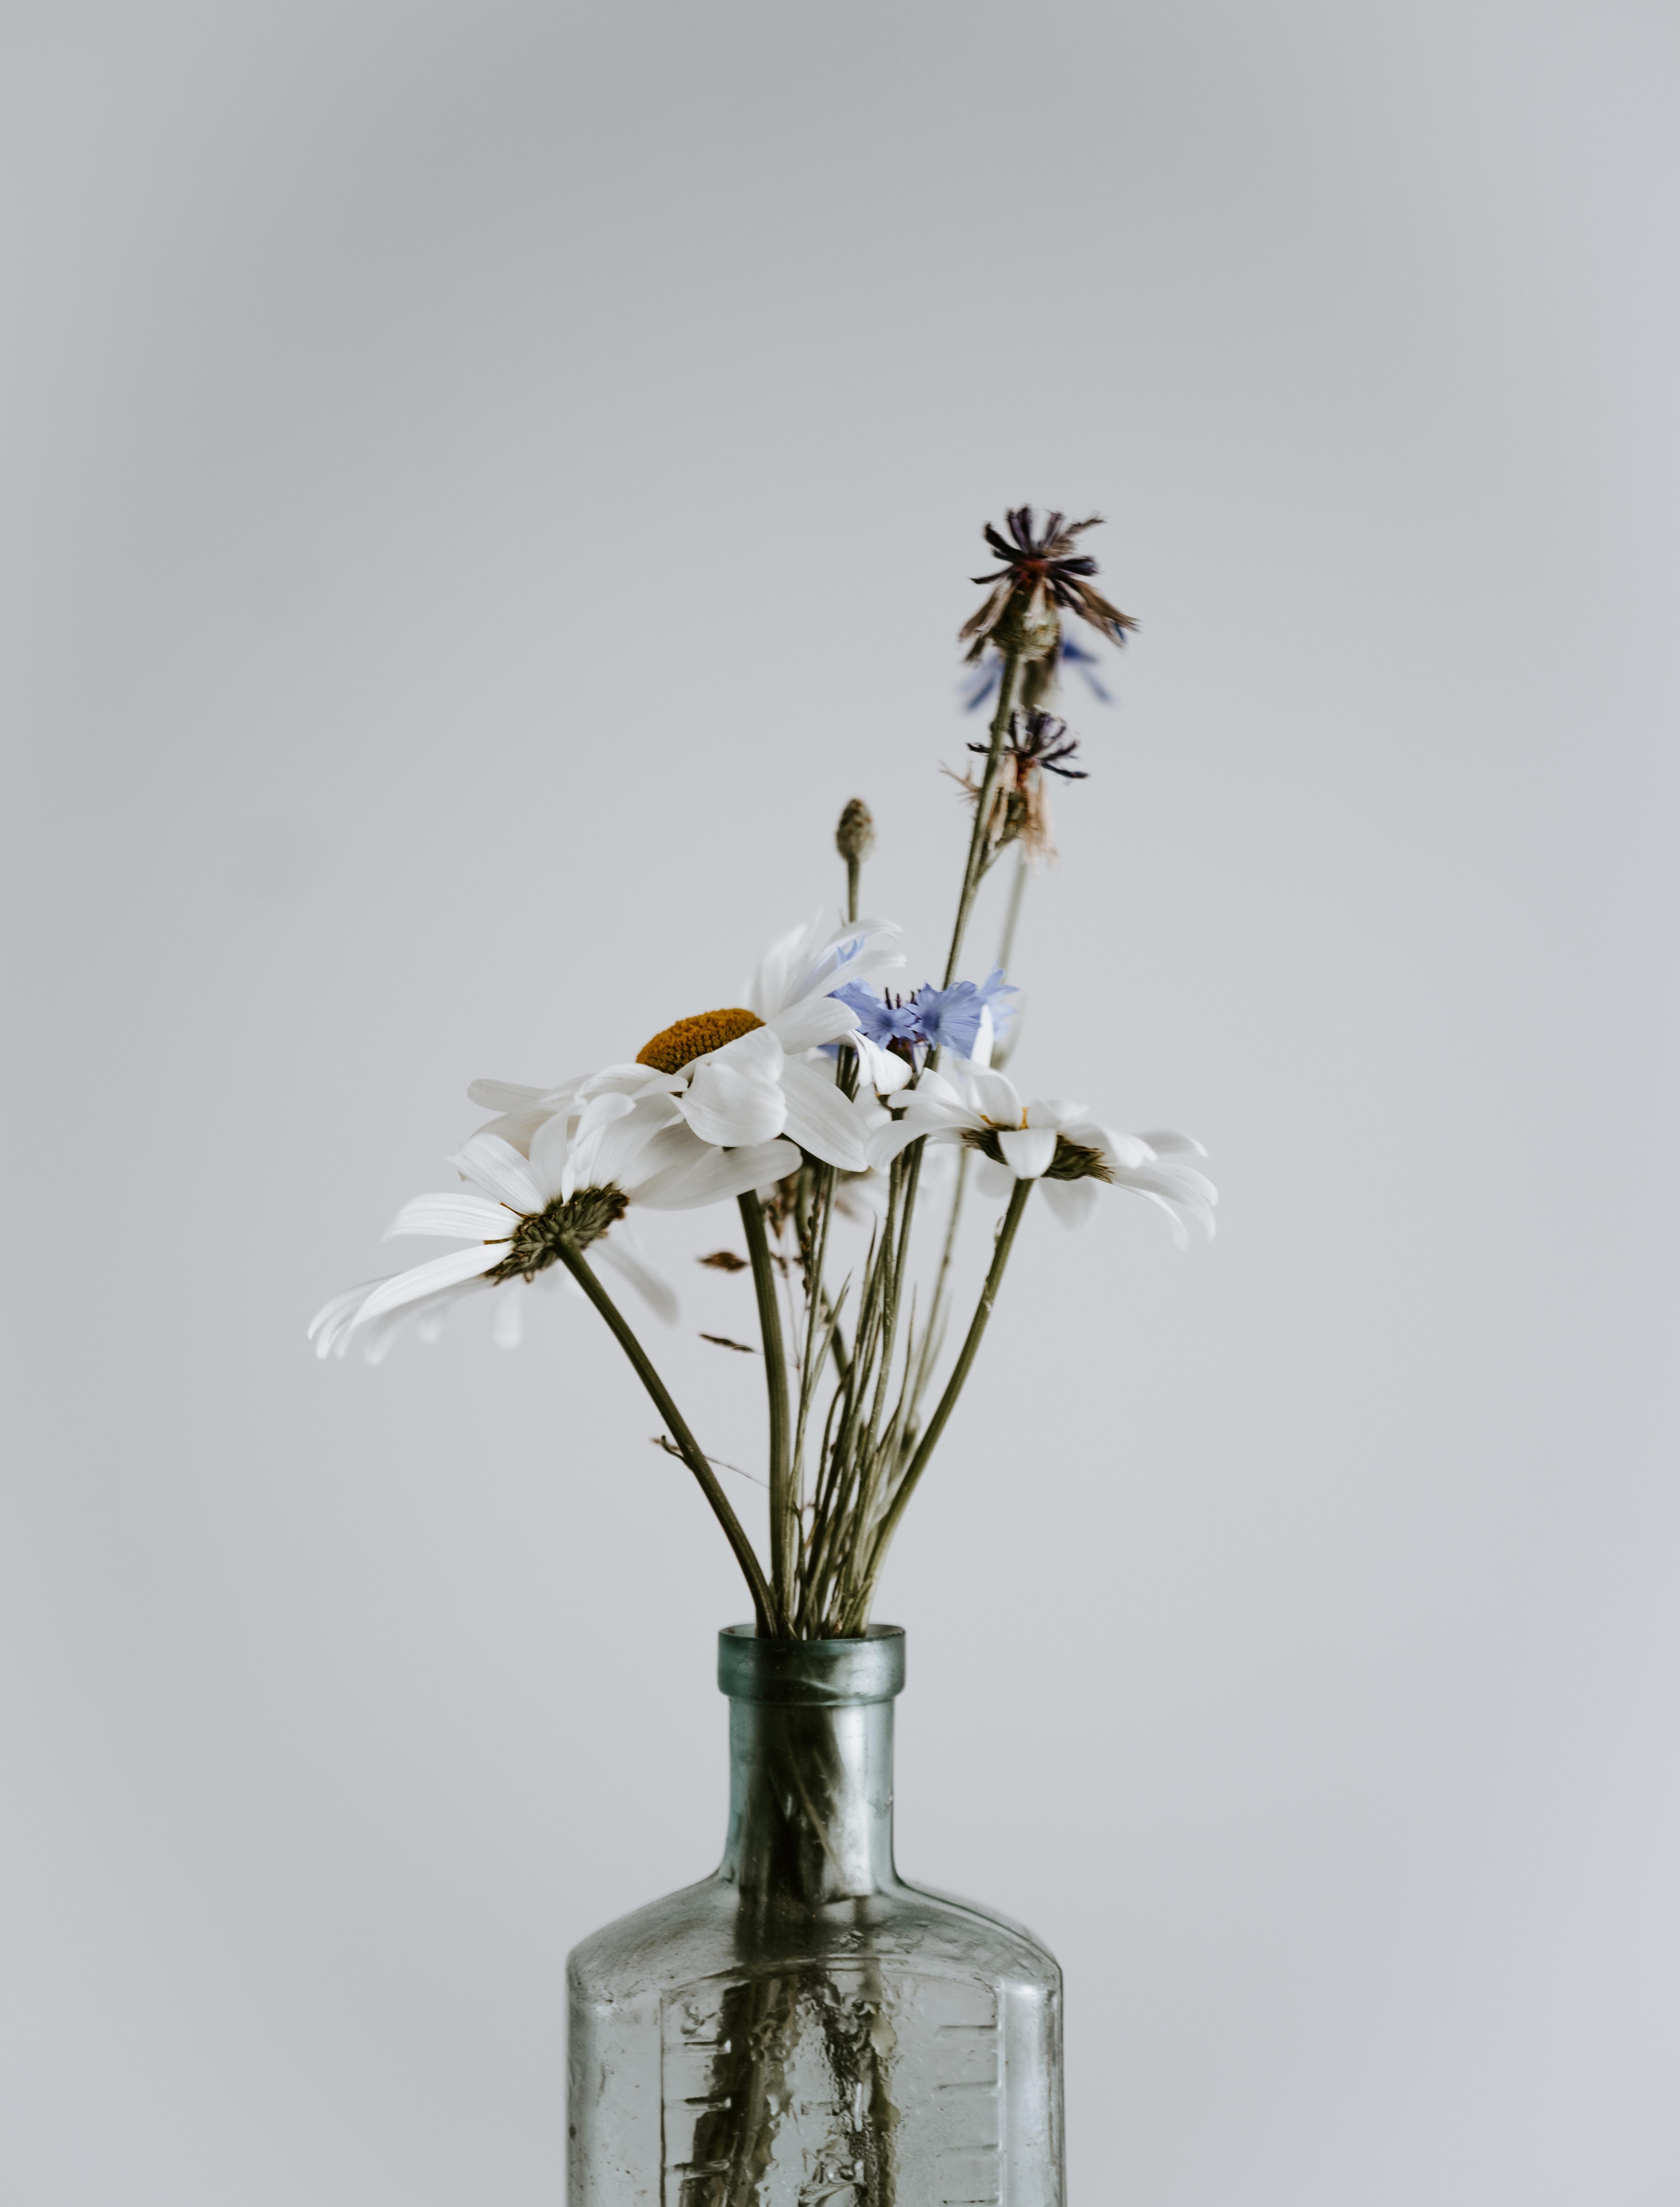 white flower in bottle